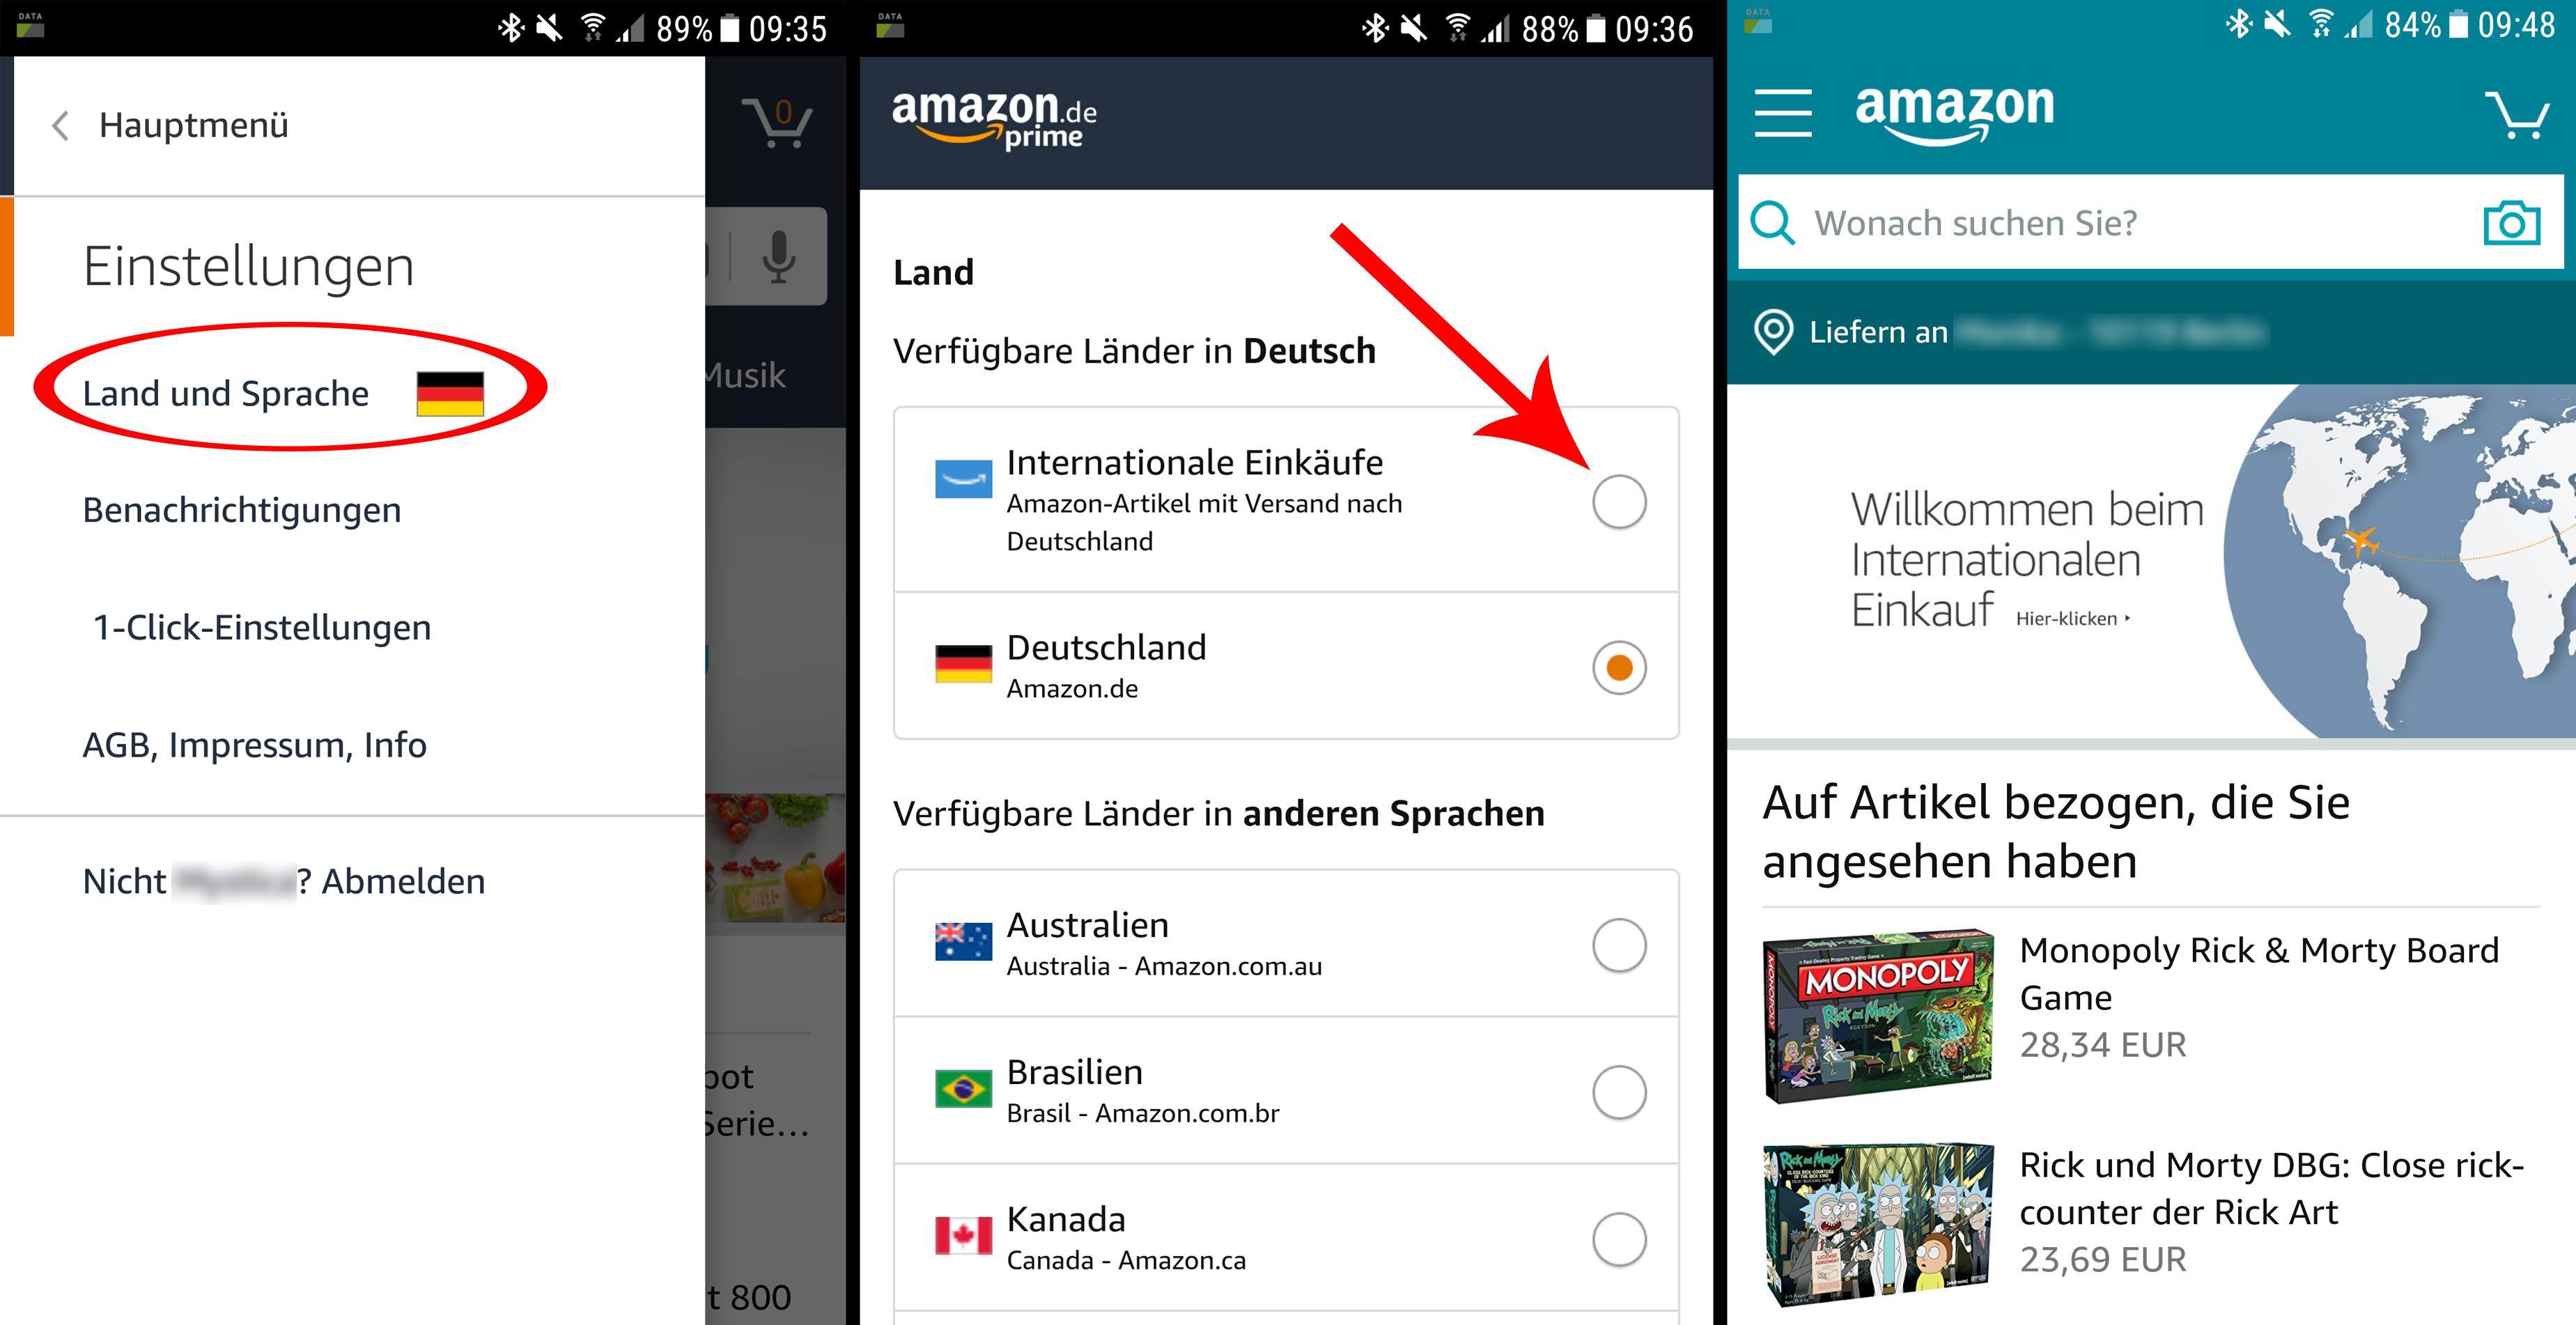 Amazon Com Bestellen Was Beachten